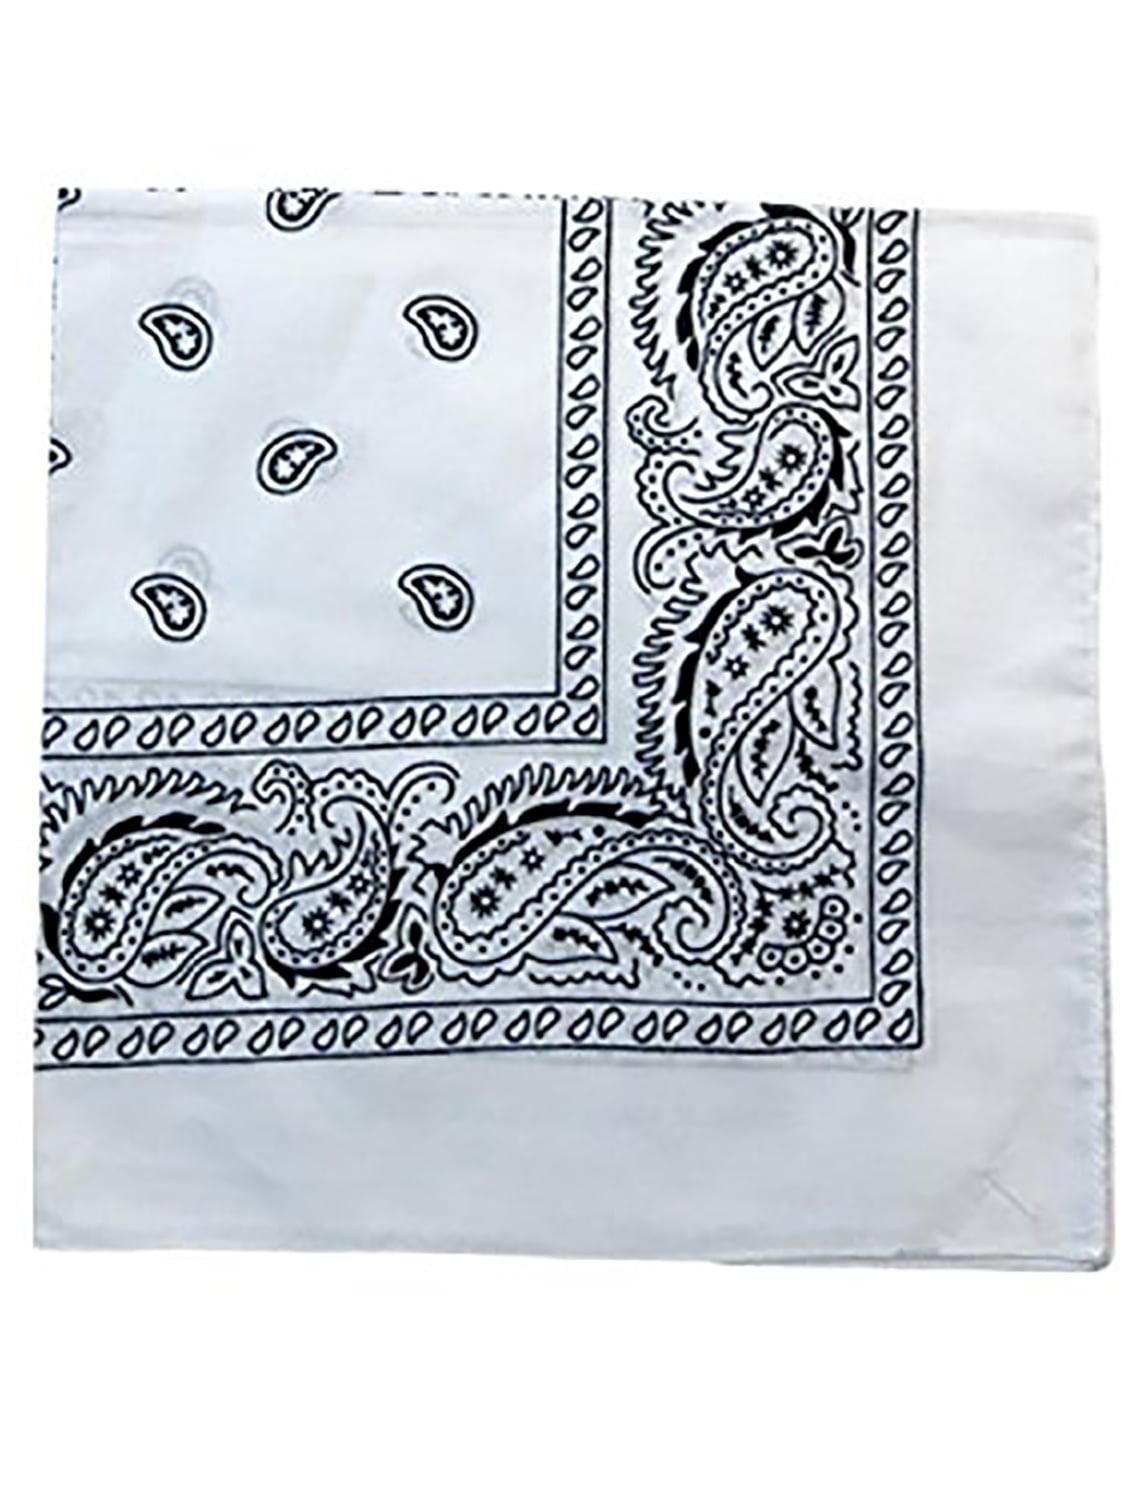 Daily Basic 100/% Cotton X Large Paisley Double Sided Printed Bandana